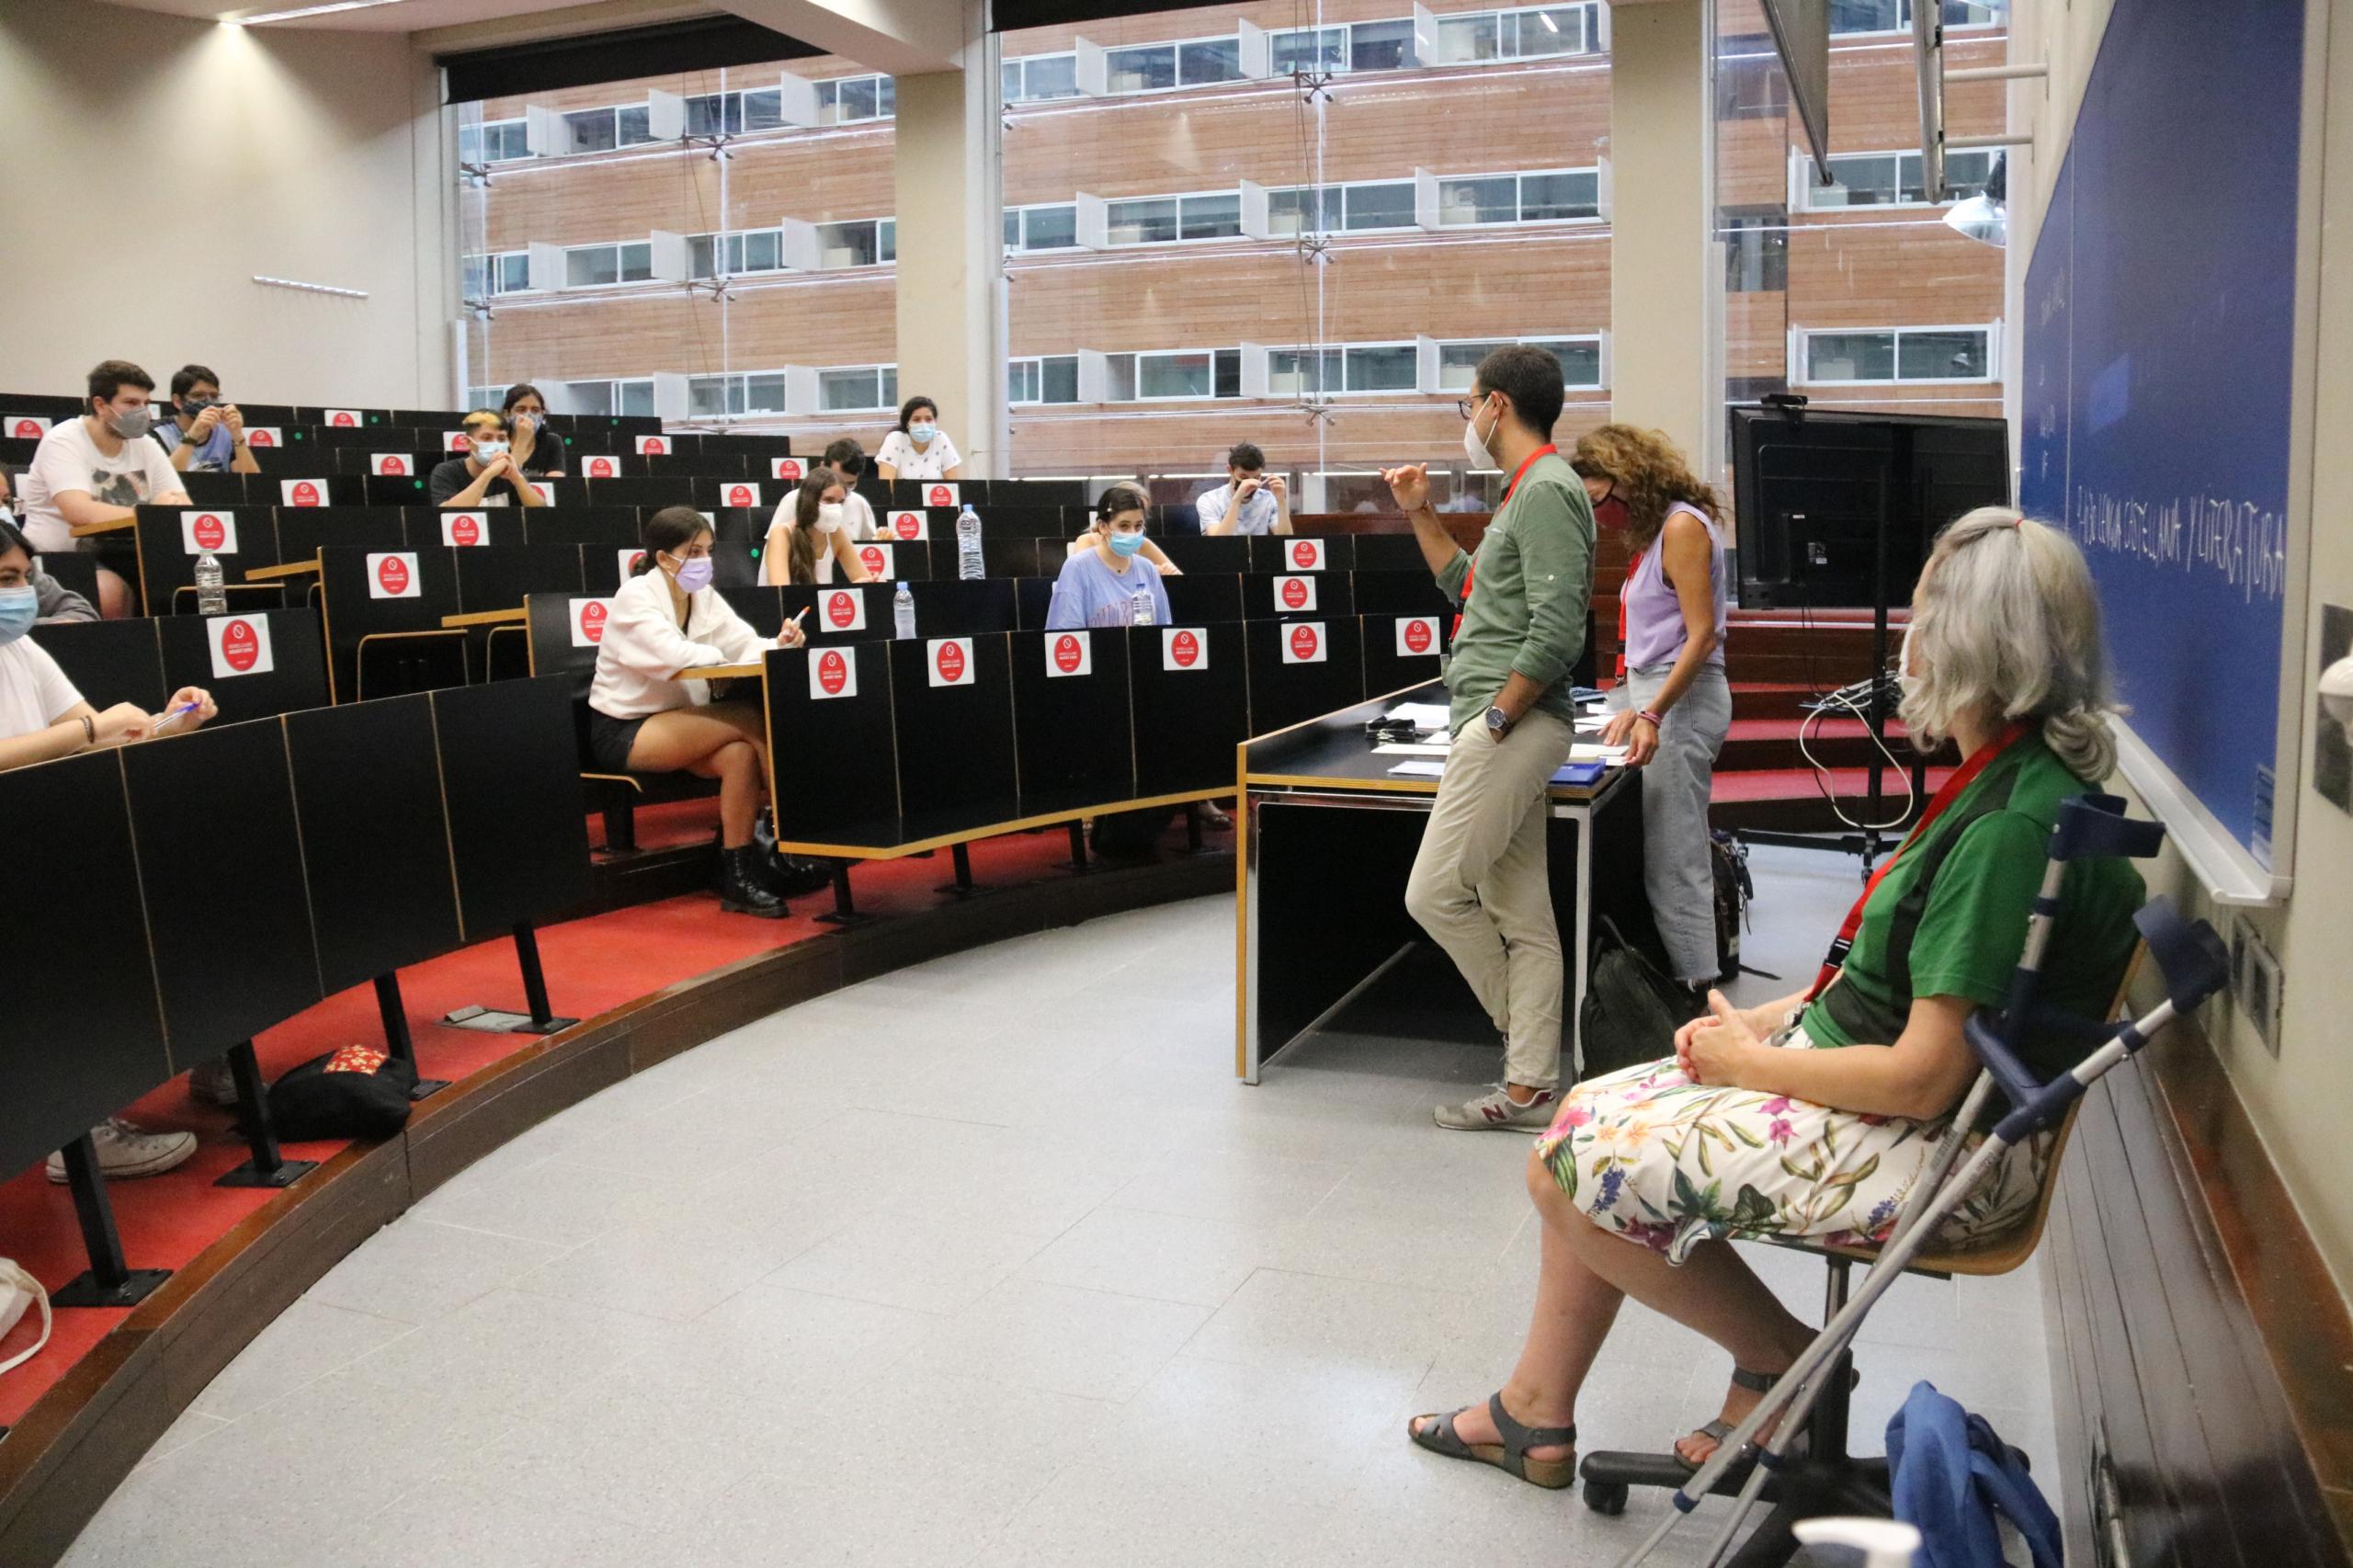 Una de les aules del campus de la Ciutadella de la Universitat Pompeu Fabra, on avui han començat les proves de selectivitat en la convocatòria extraordinària del setembre | ACN